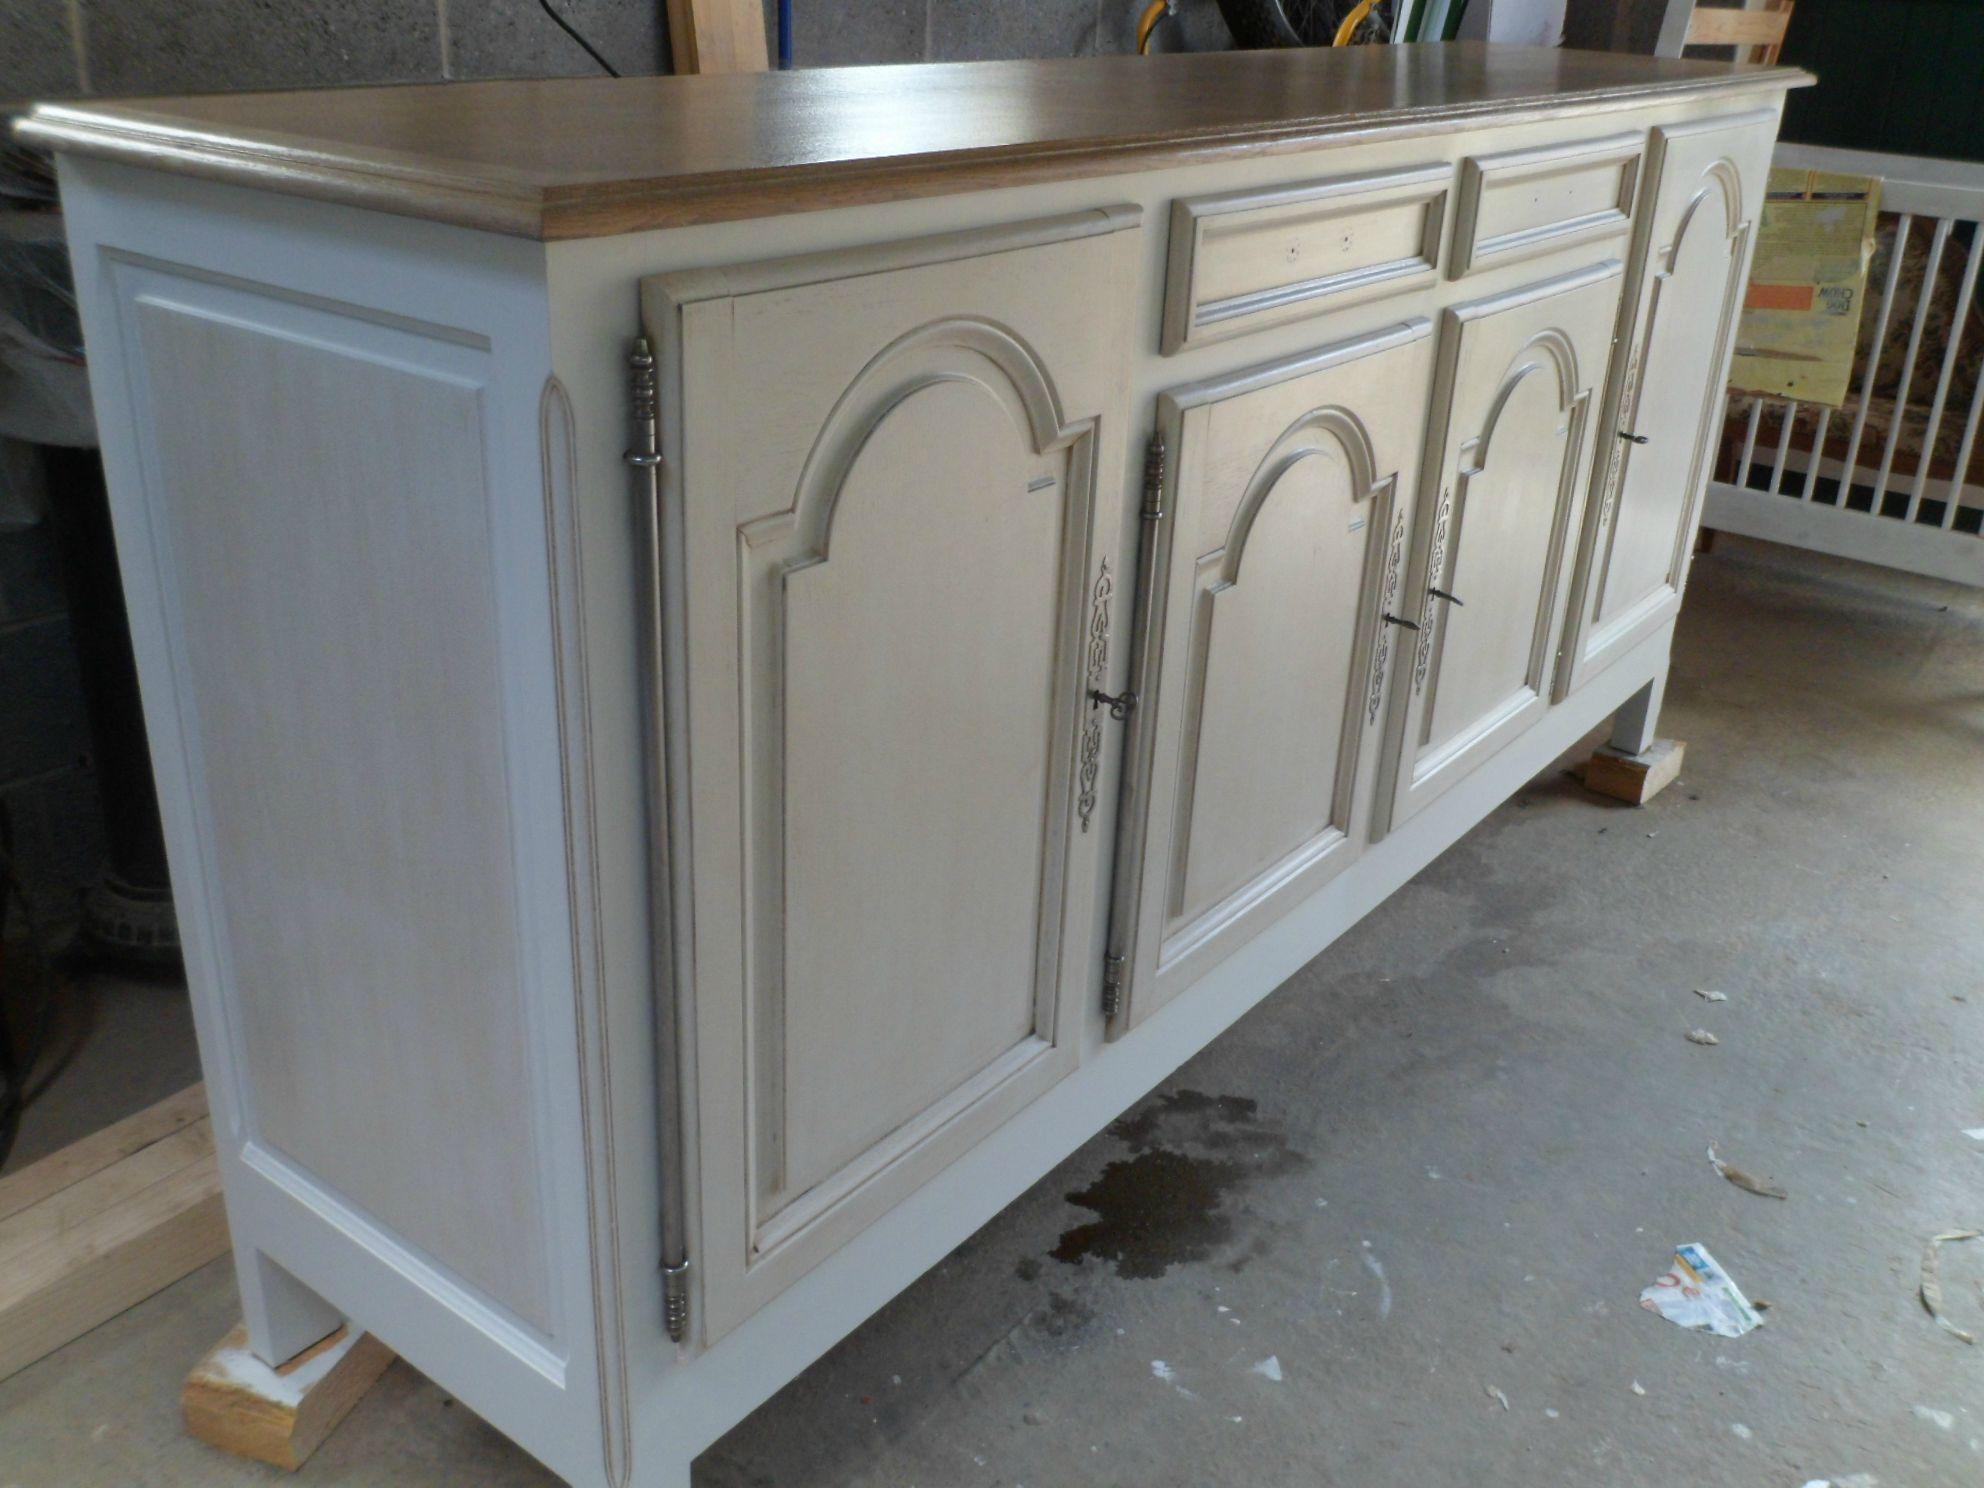 Comment peindre un meuble vernis - Relooker un meuble vernis ...